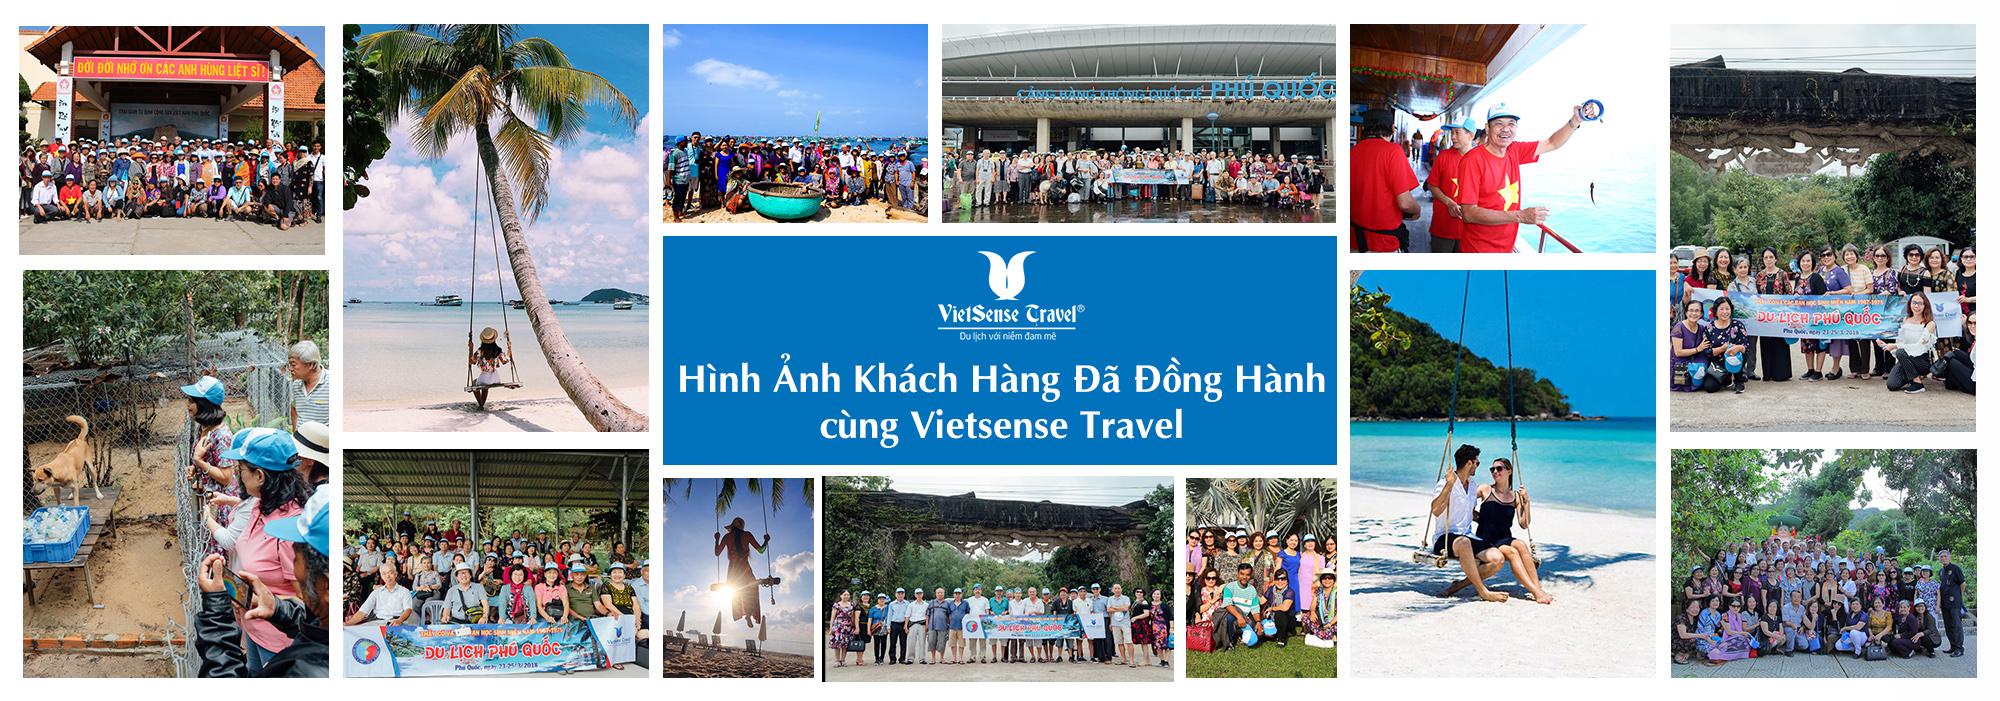 TOUR DU LỊCH TP HCM - PHÚ QUỐC 3 NGÀY 2 ĐÊM